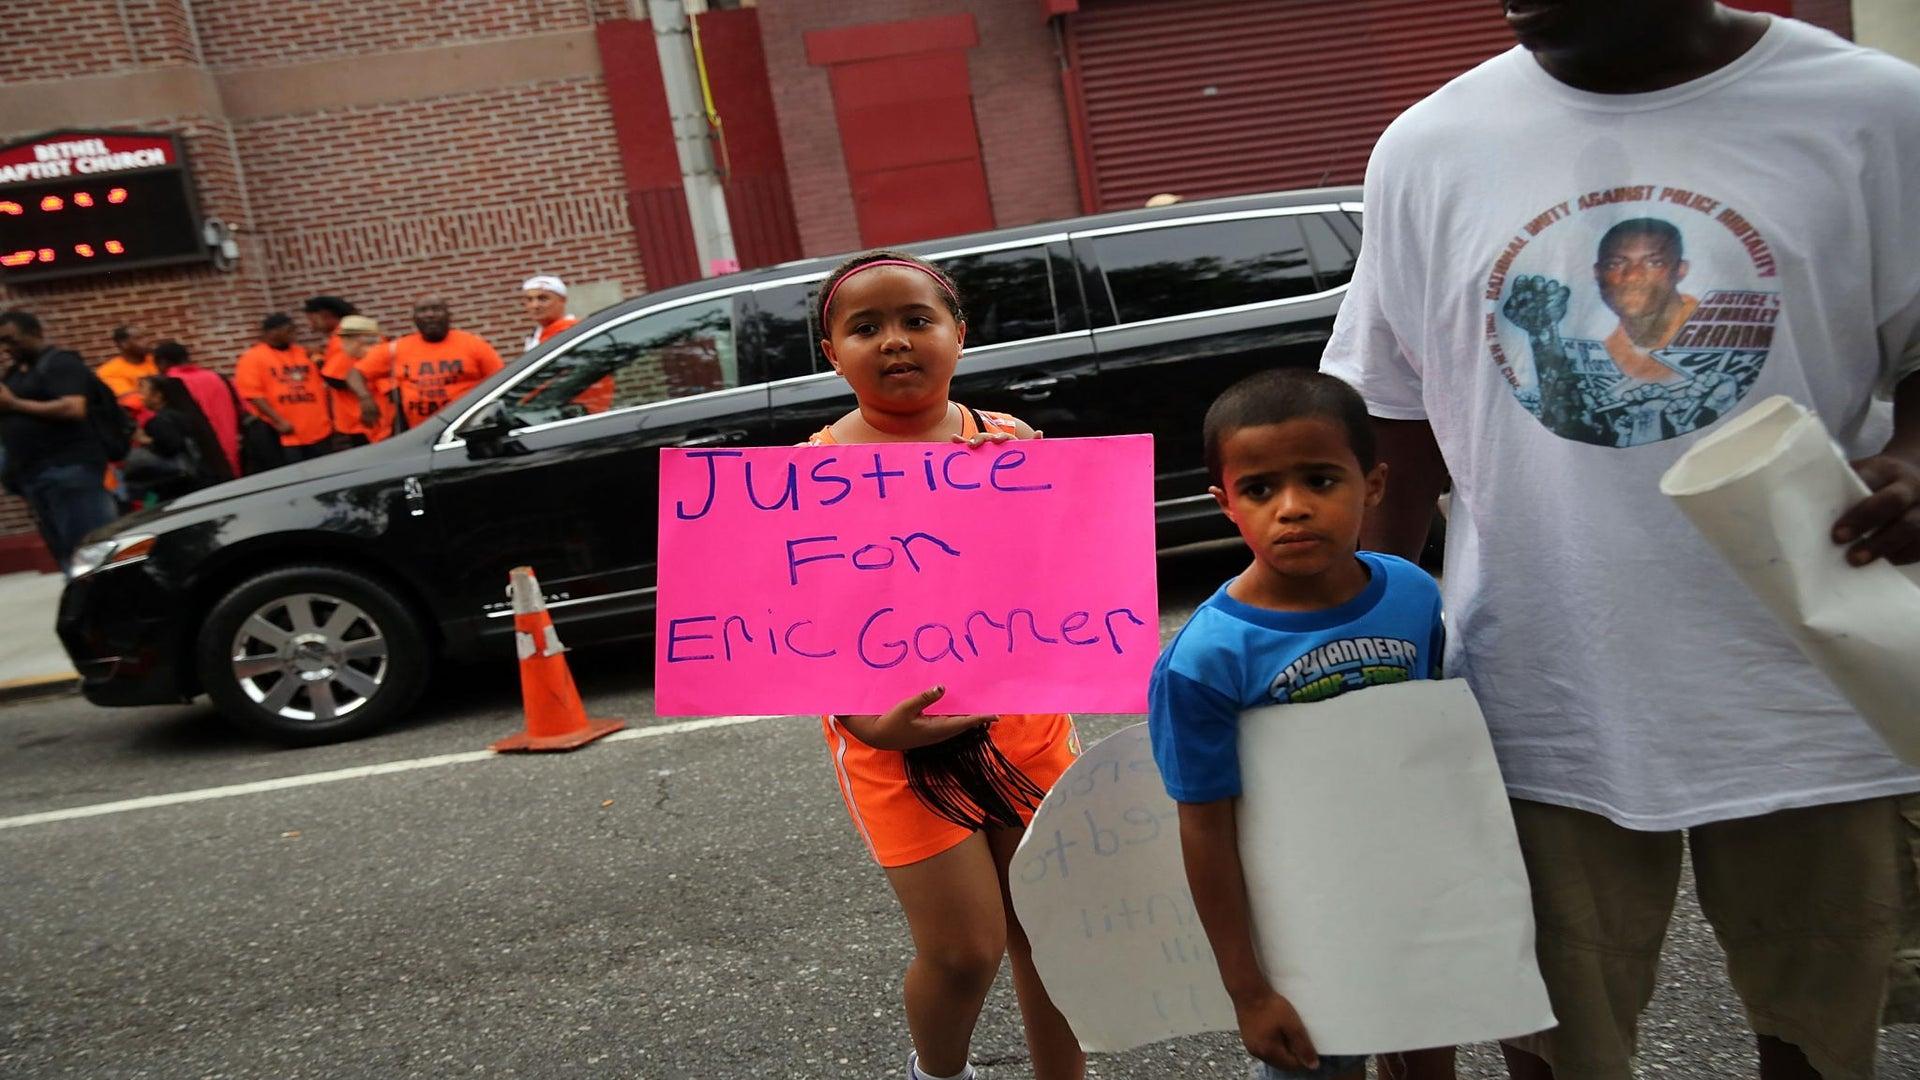 Eric Garner's Death Ruled Homicide by Medical Examiner